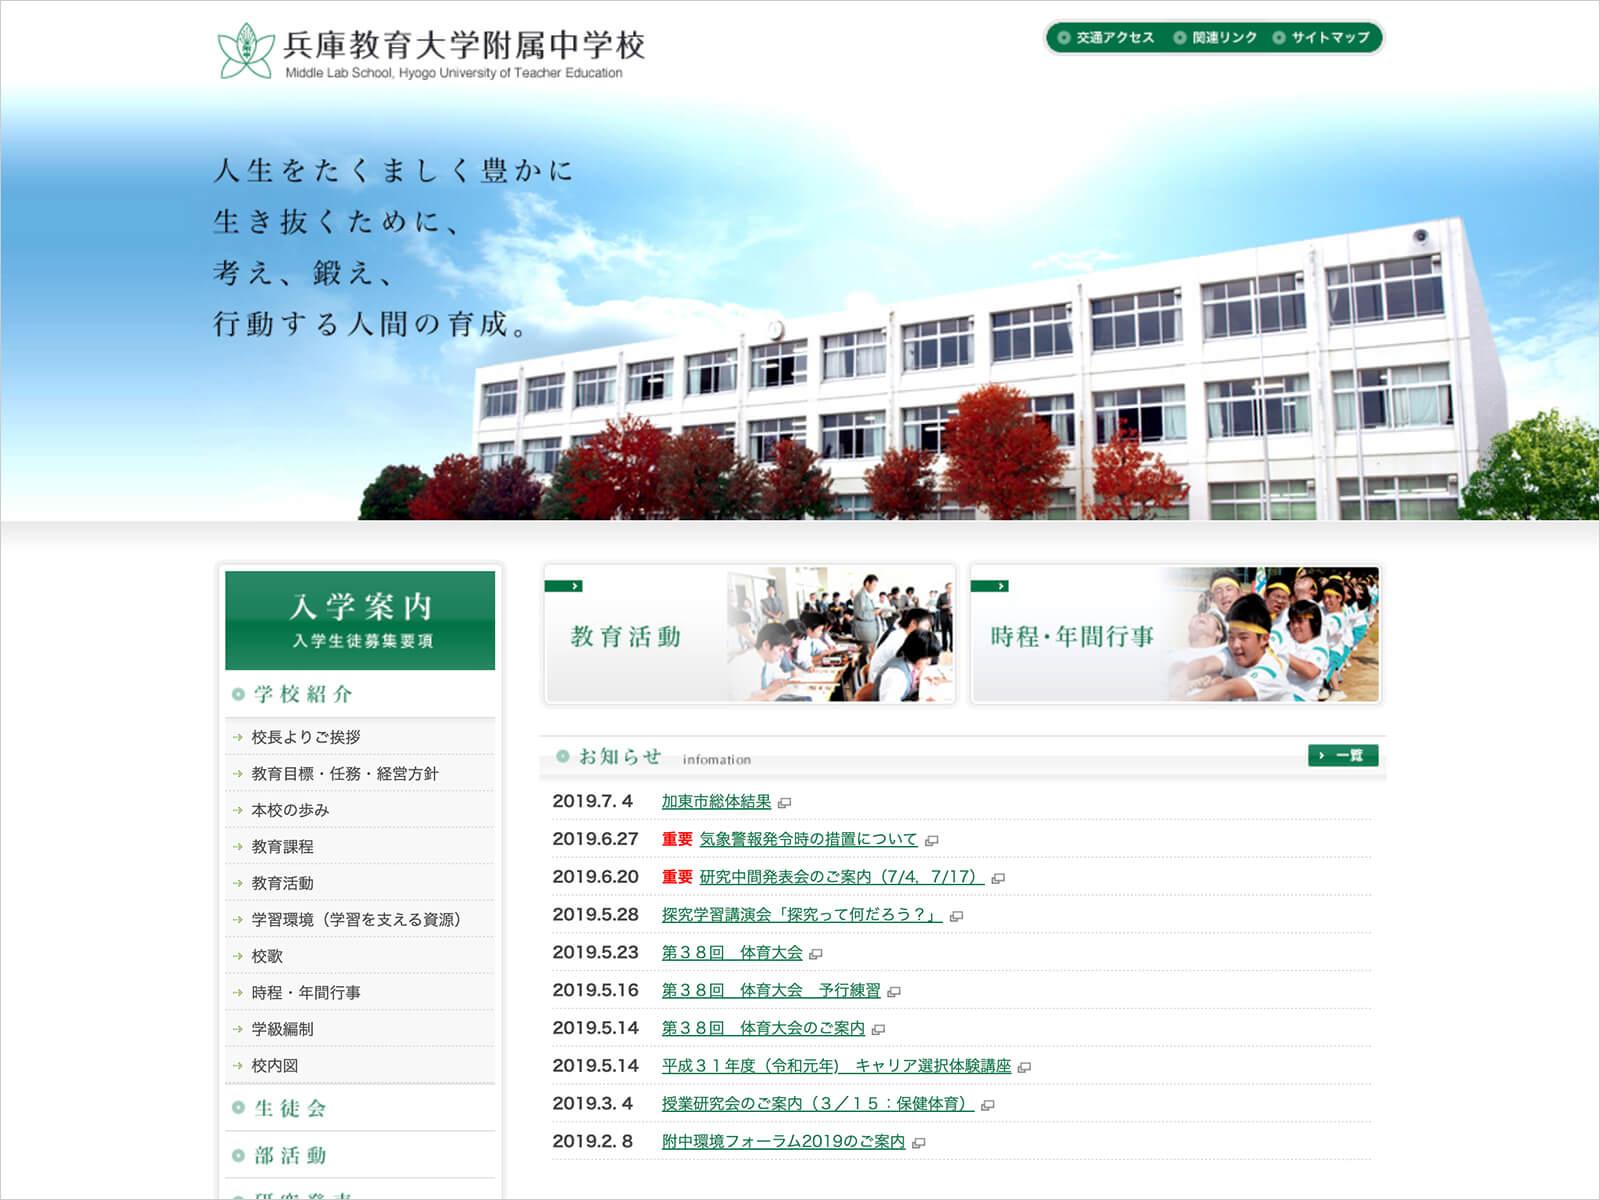 兵庫教育大学附属中学校のサムネイル画像